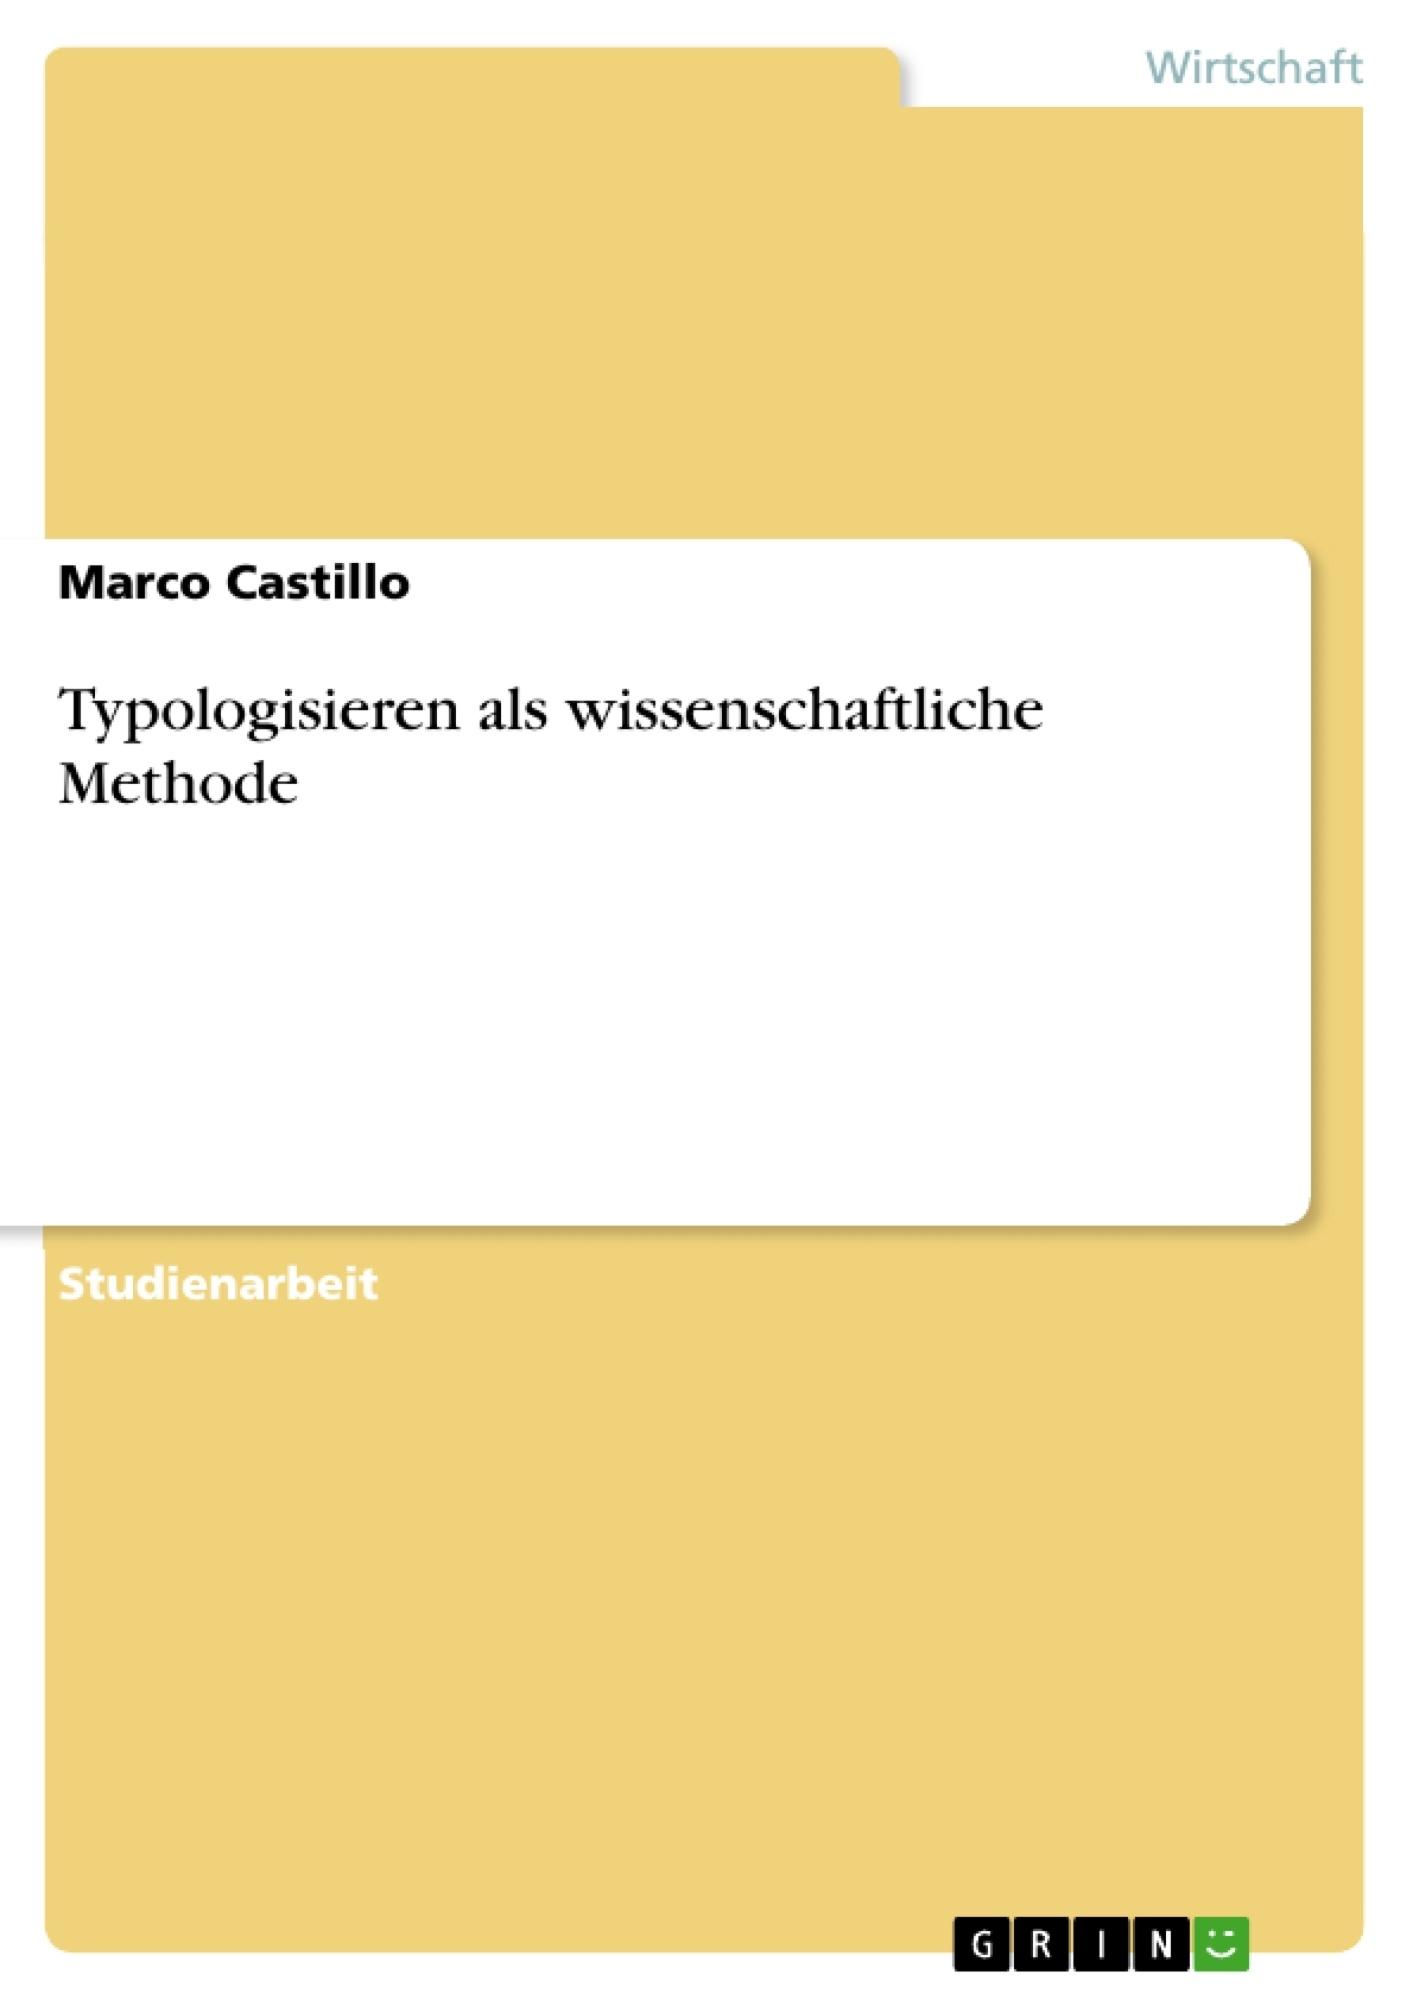 Titel: Typologisieren als wissenschaftliche Methode